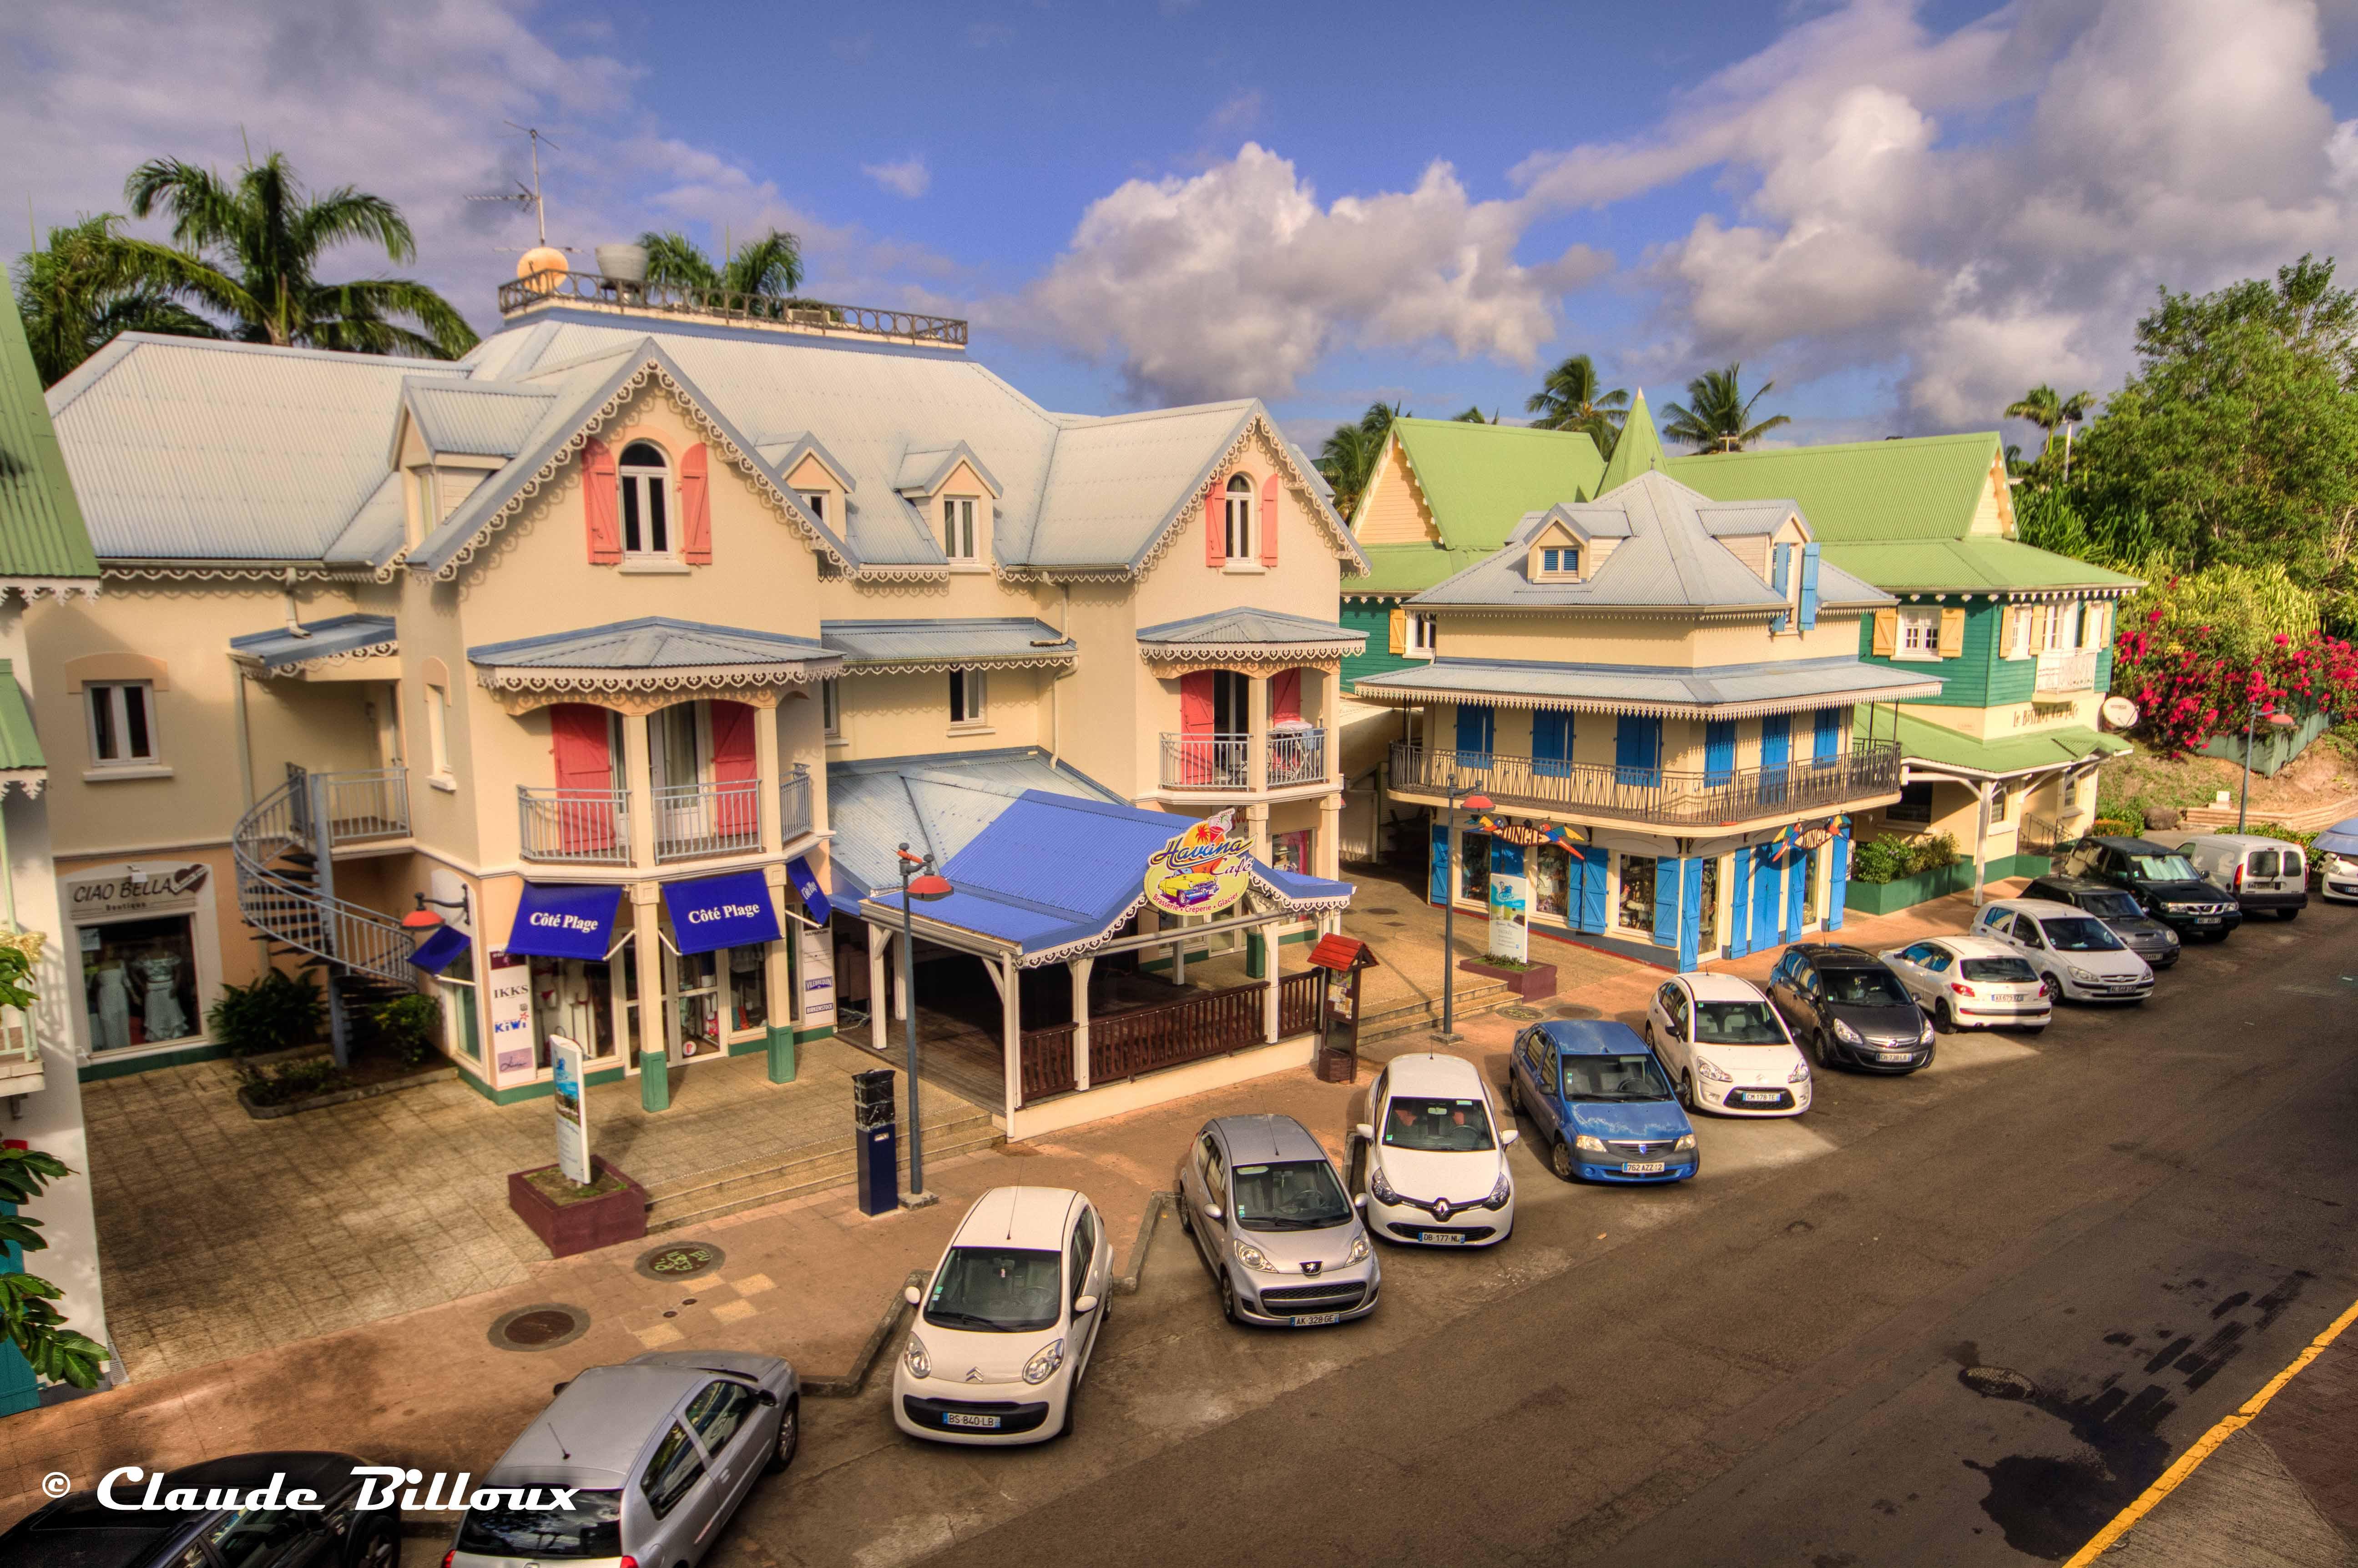 Martinique_0010_1_2_tonemapped.jpg